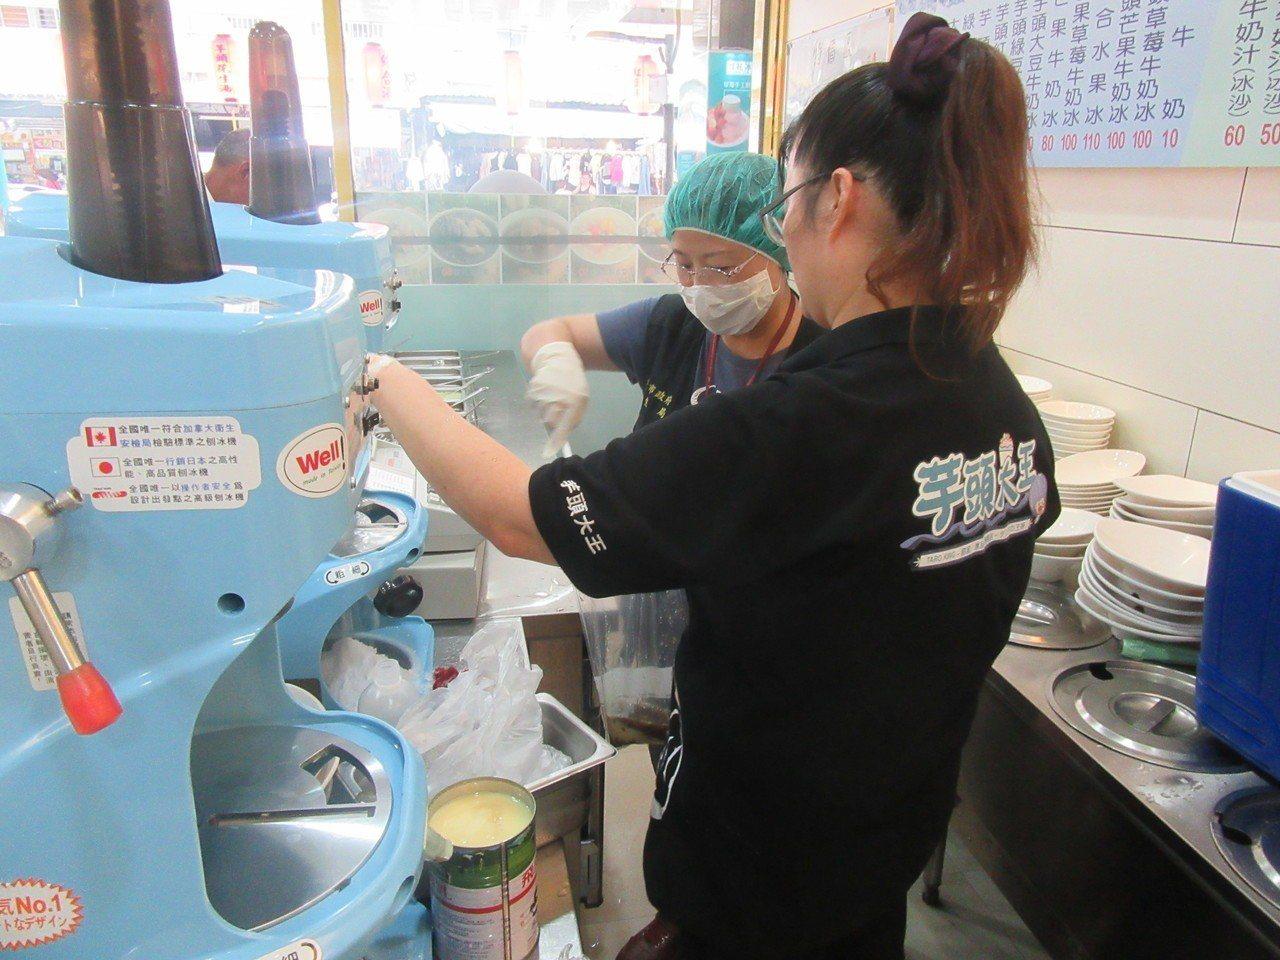 新北市土城「芋頭大王」的綠豆牛奶冰,複驗仍檢出生菌數超過標準2.5倍。圖/新北市...